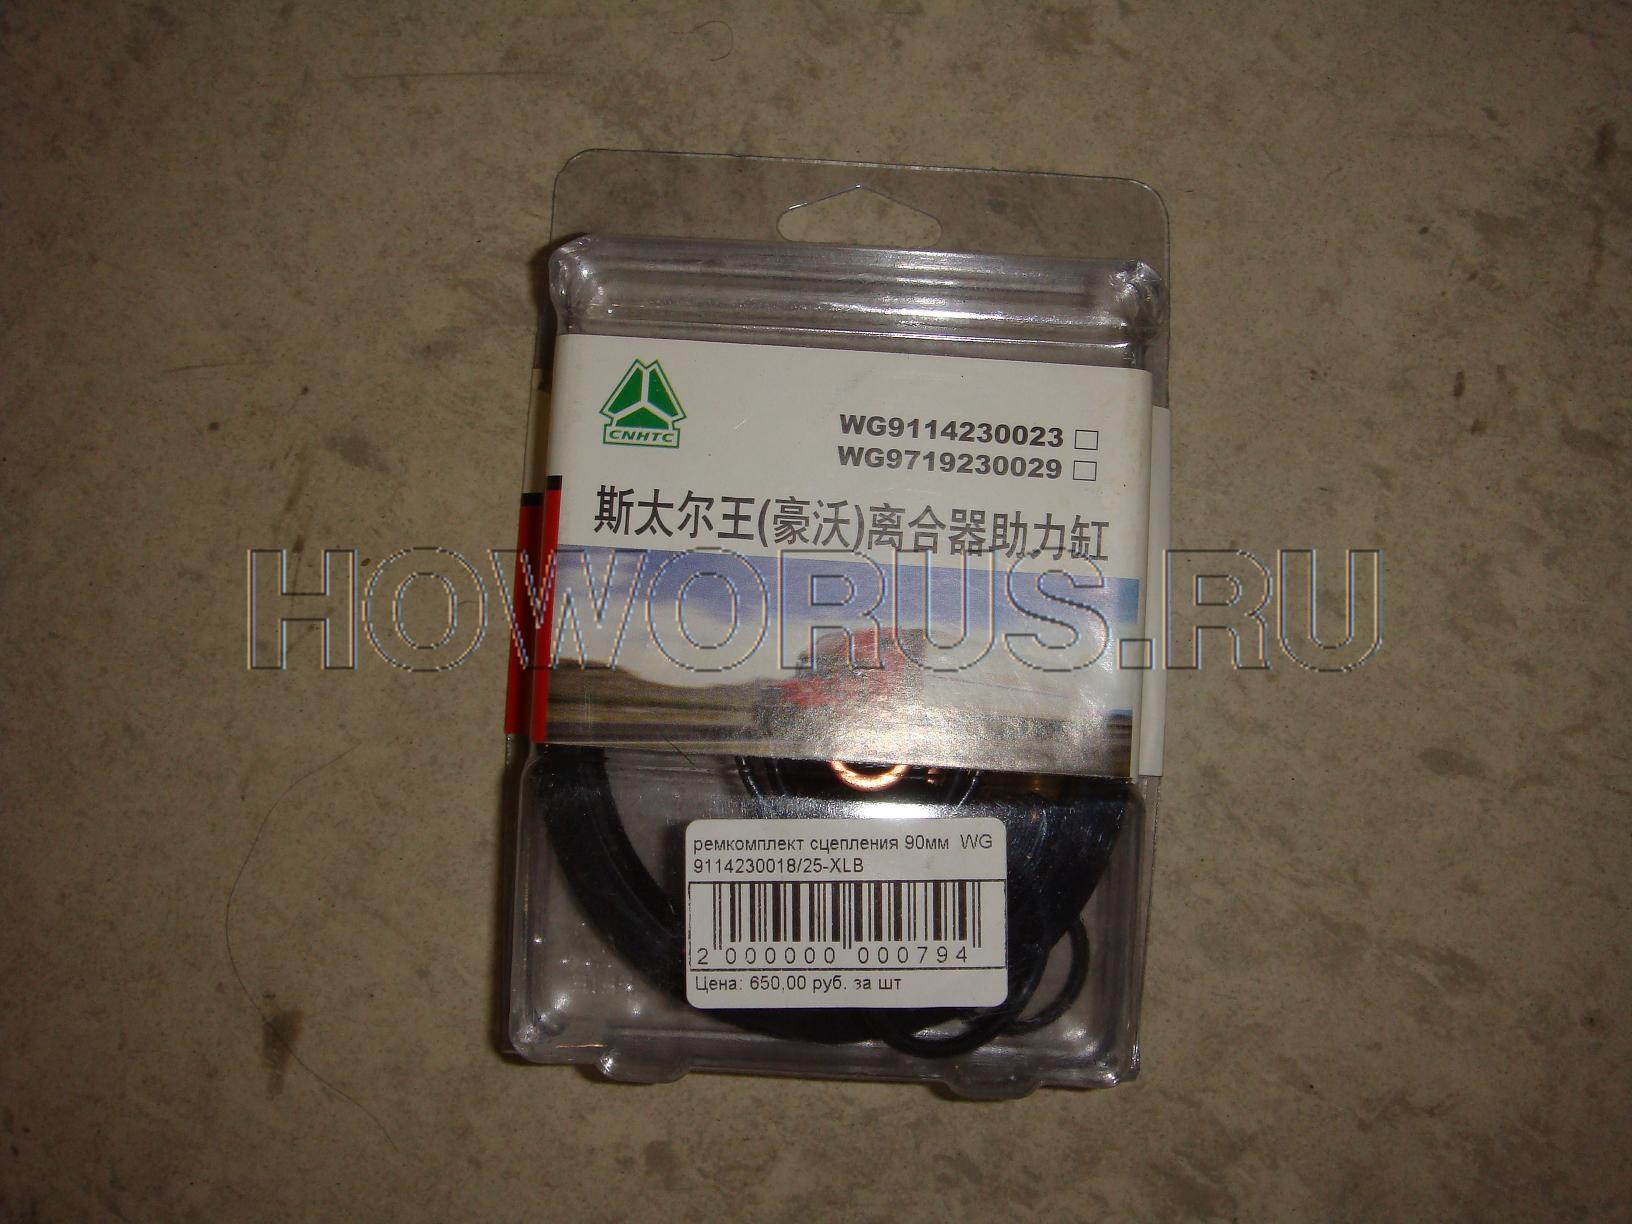 ремкомплект сцепления WG 9114230018/25-XLB